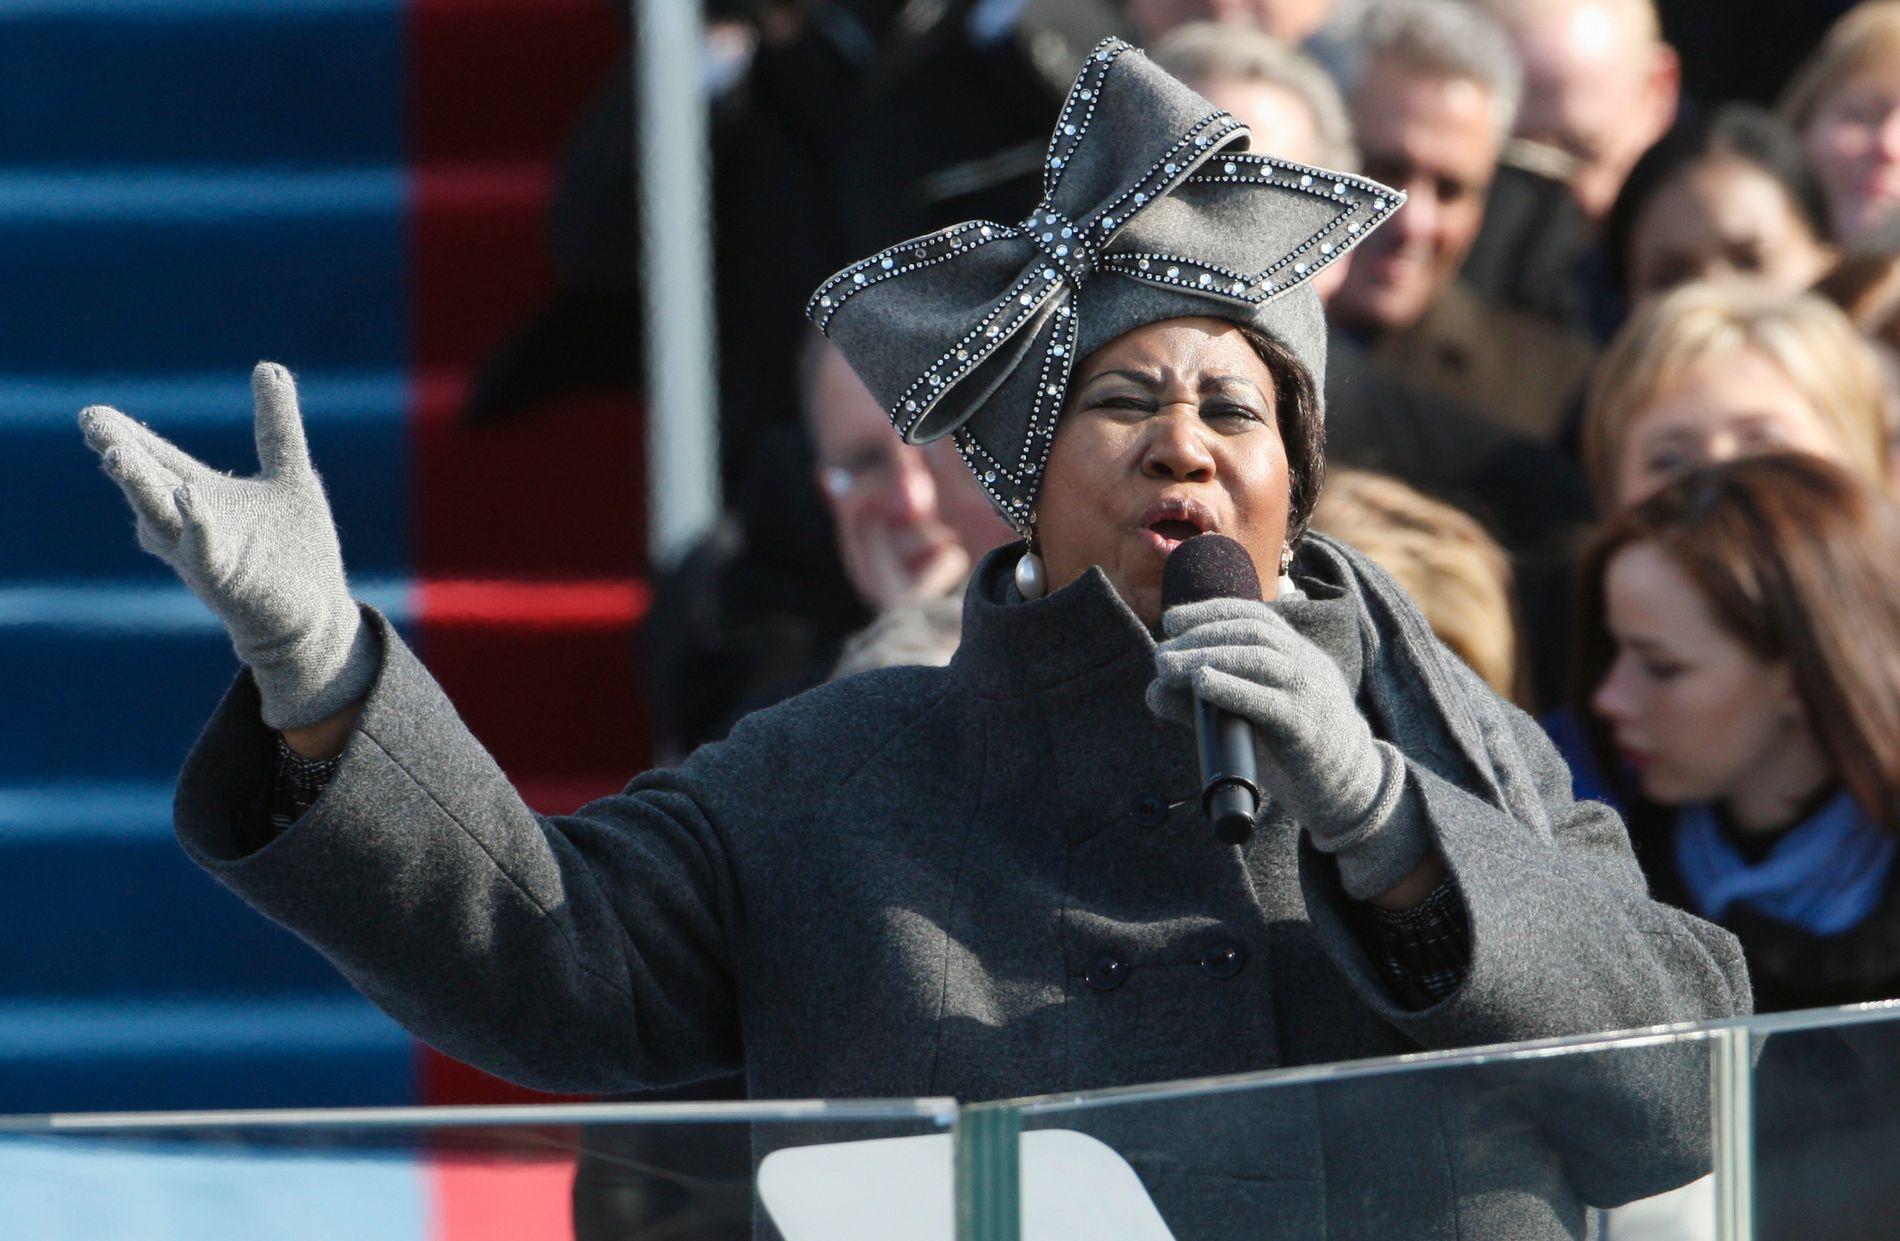 DØDE UTEN TESTEMENTET: Advokater mener at Aretha Franklin har gjort det vanskelig for sin etterlatte ved at hun ikke har skrevet testamente før hun døde.